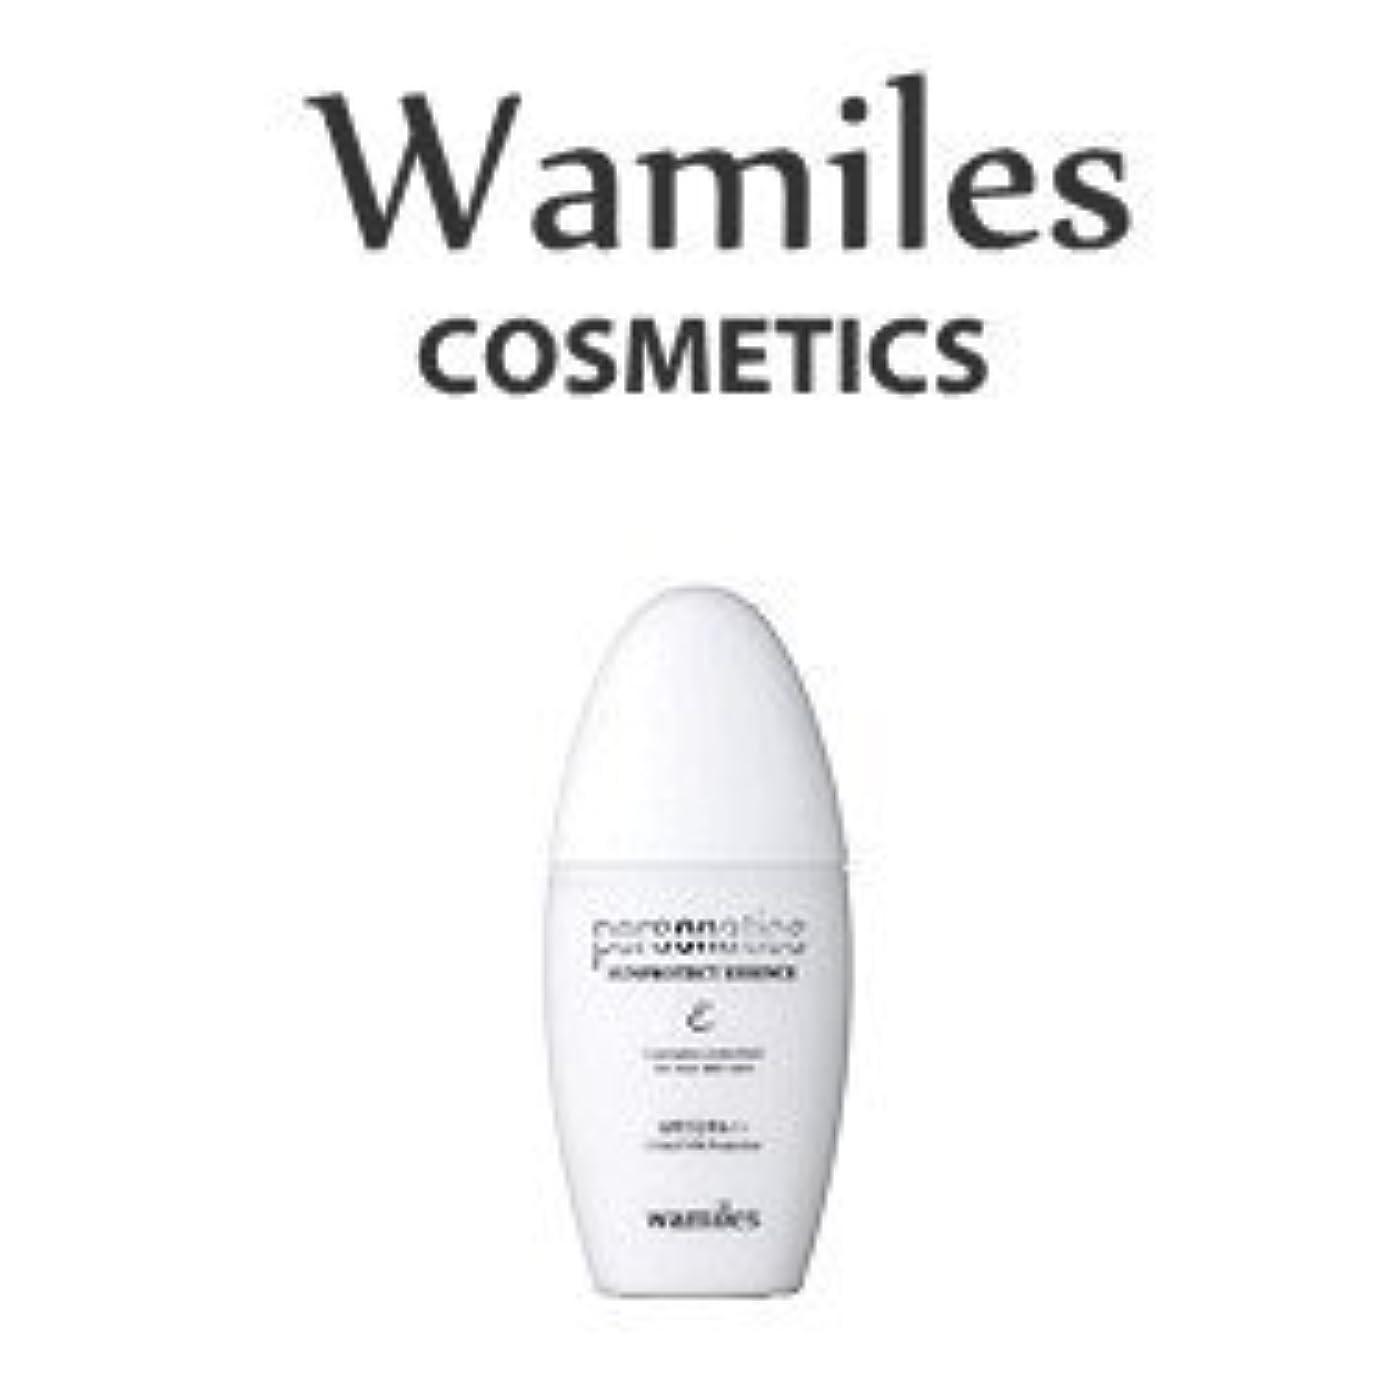 イルたぶんトライアスリートwamiles/ワミレス サンプロテクトエッセンス 30ml 美容 化粧水